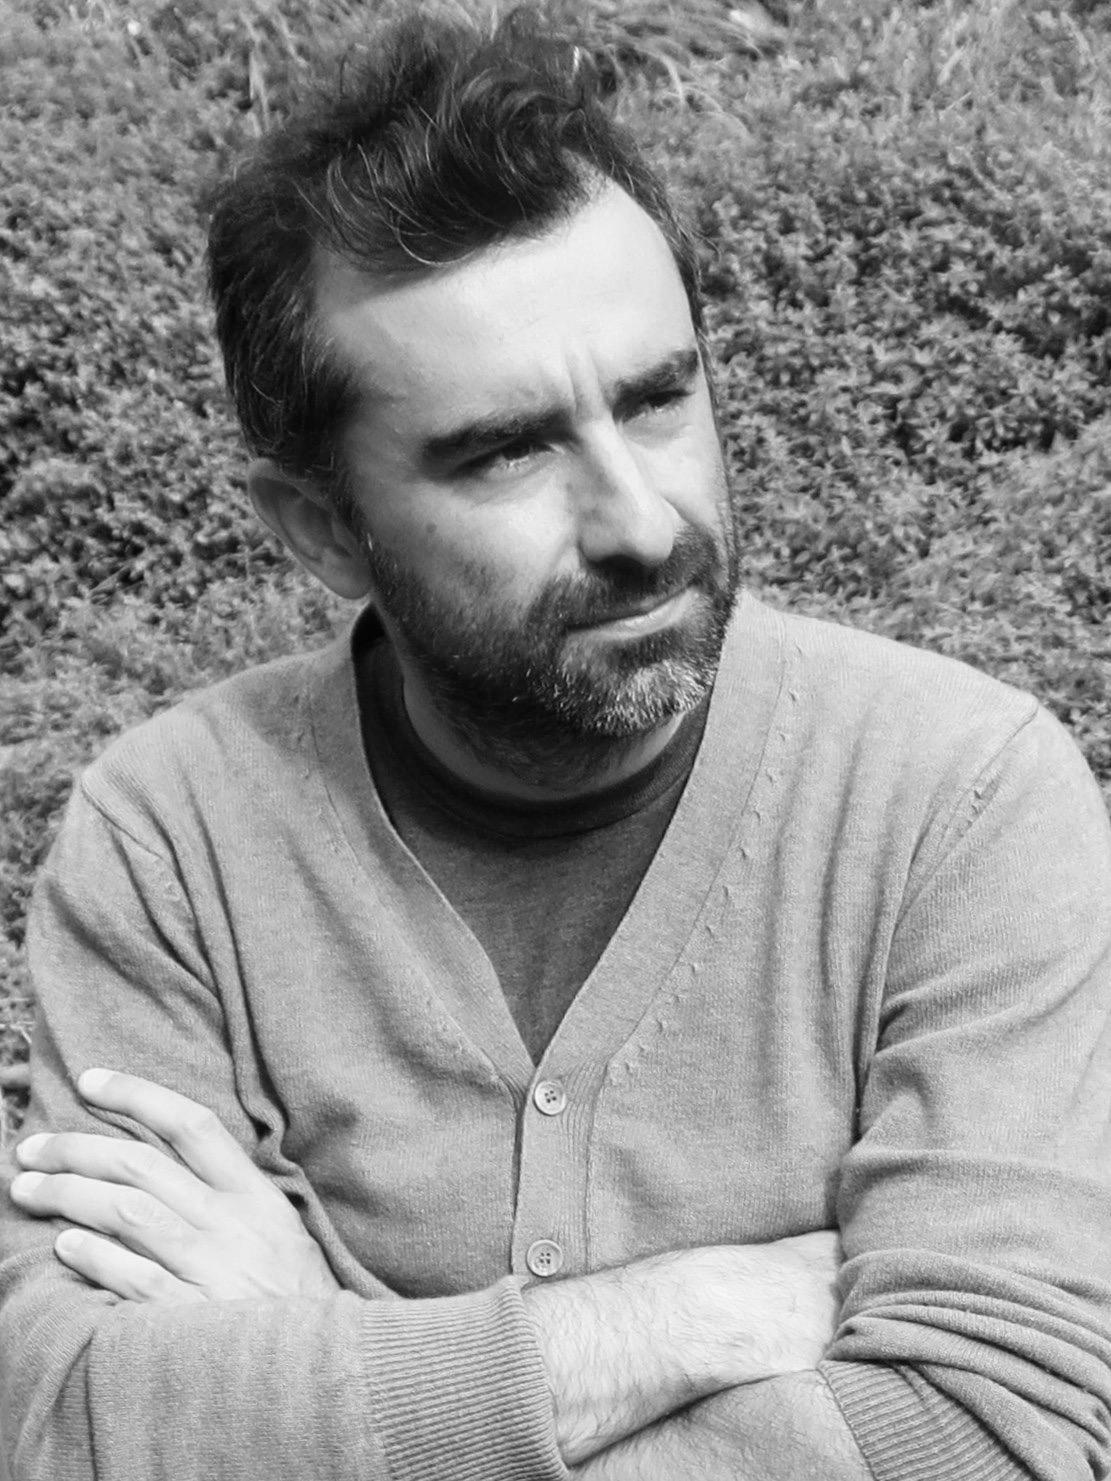 Santiago Giraldo Luque